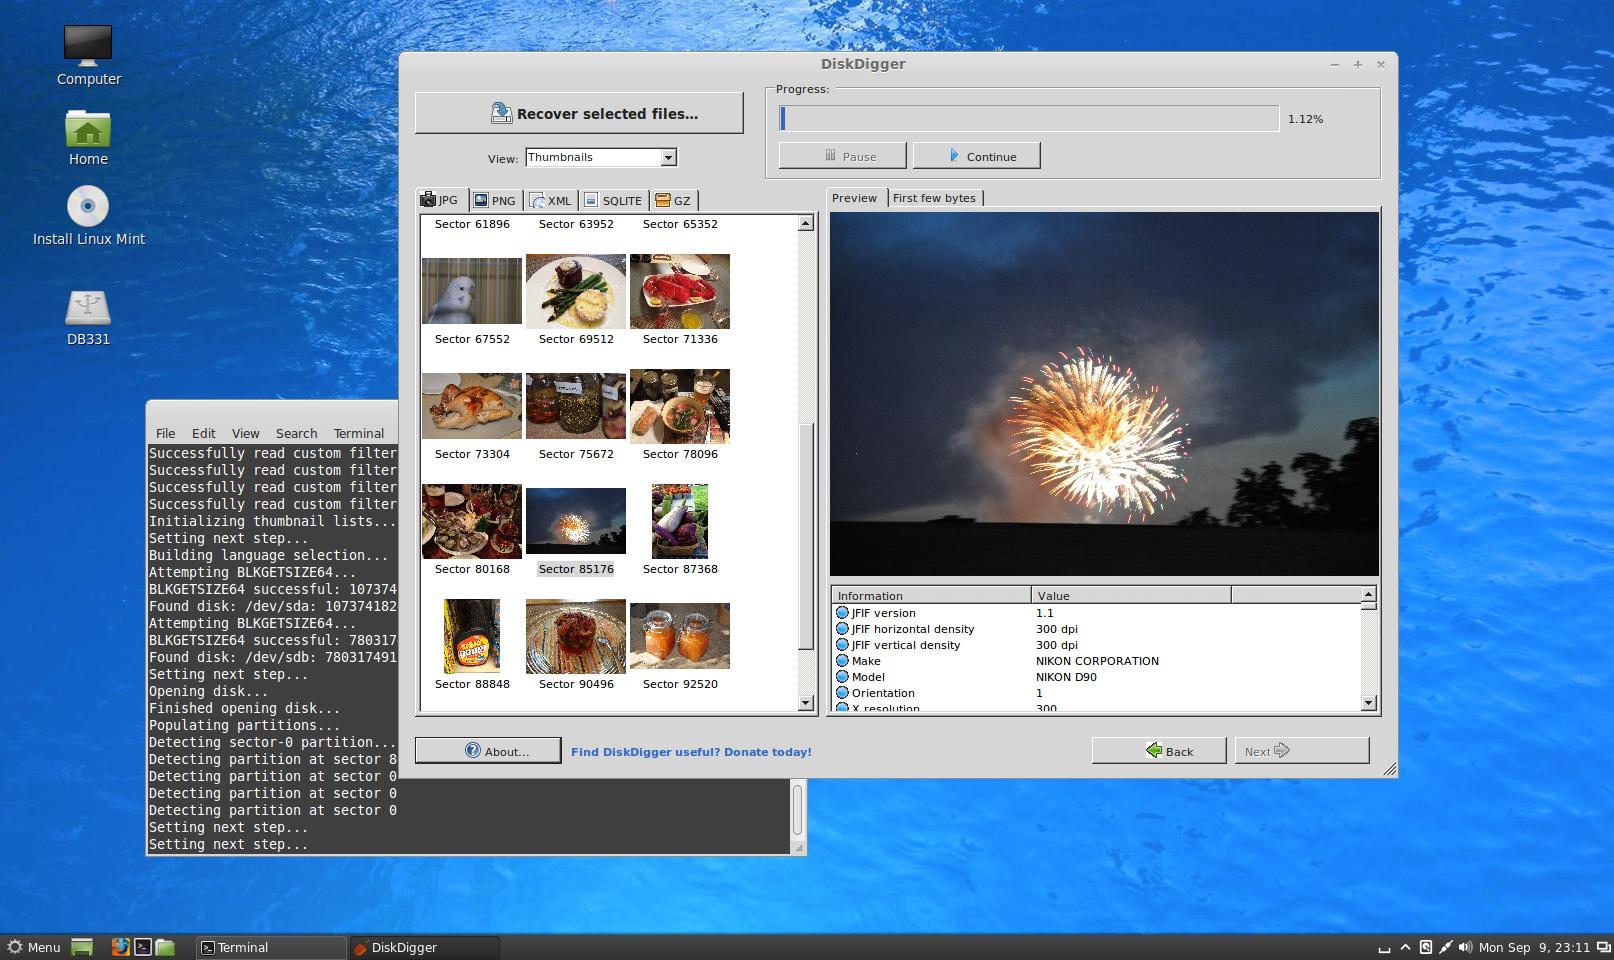 Running DiskDigger in Linux | DiskDigger